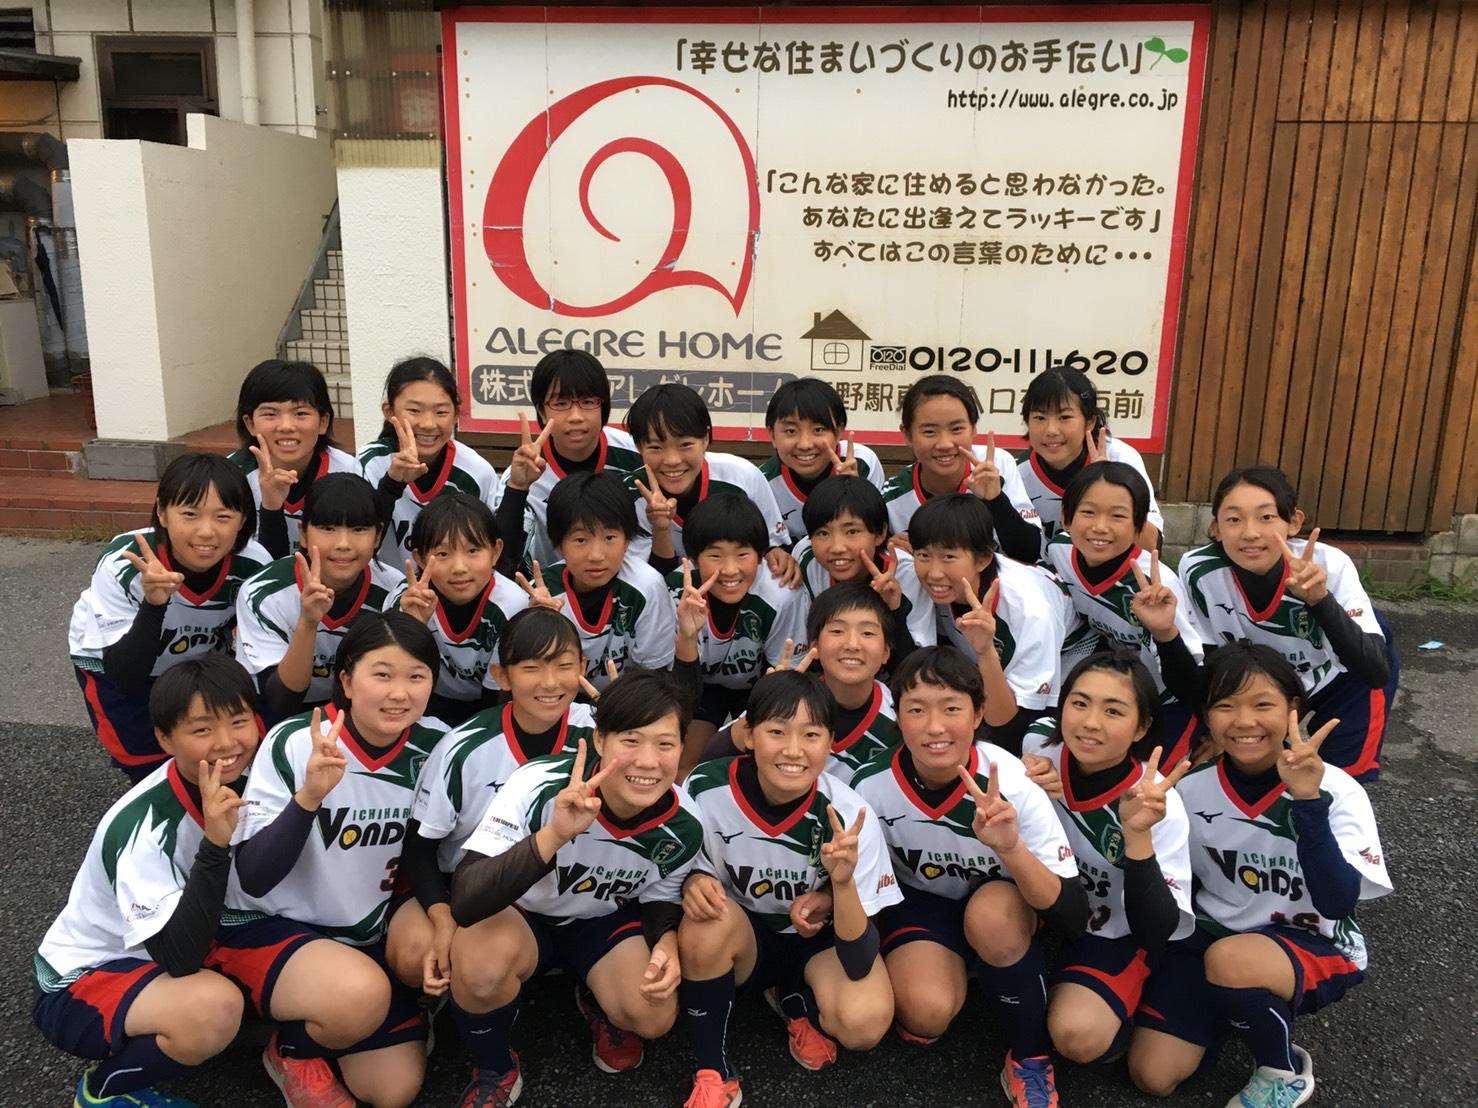 女子ジュニアソフトボールクラブチーム